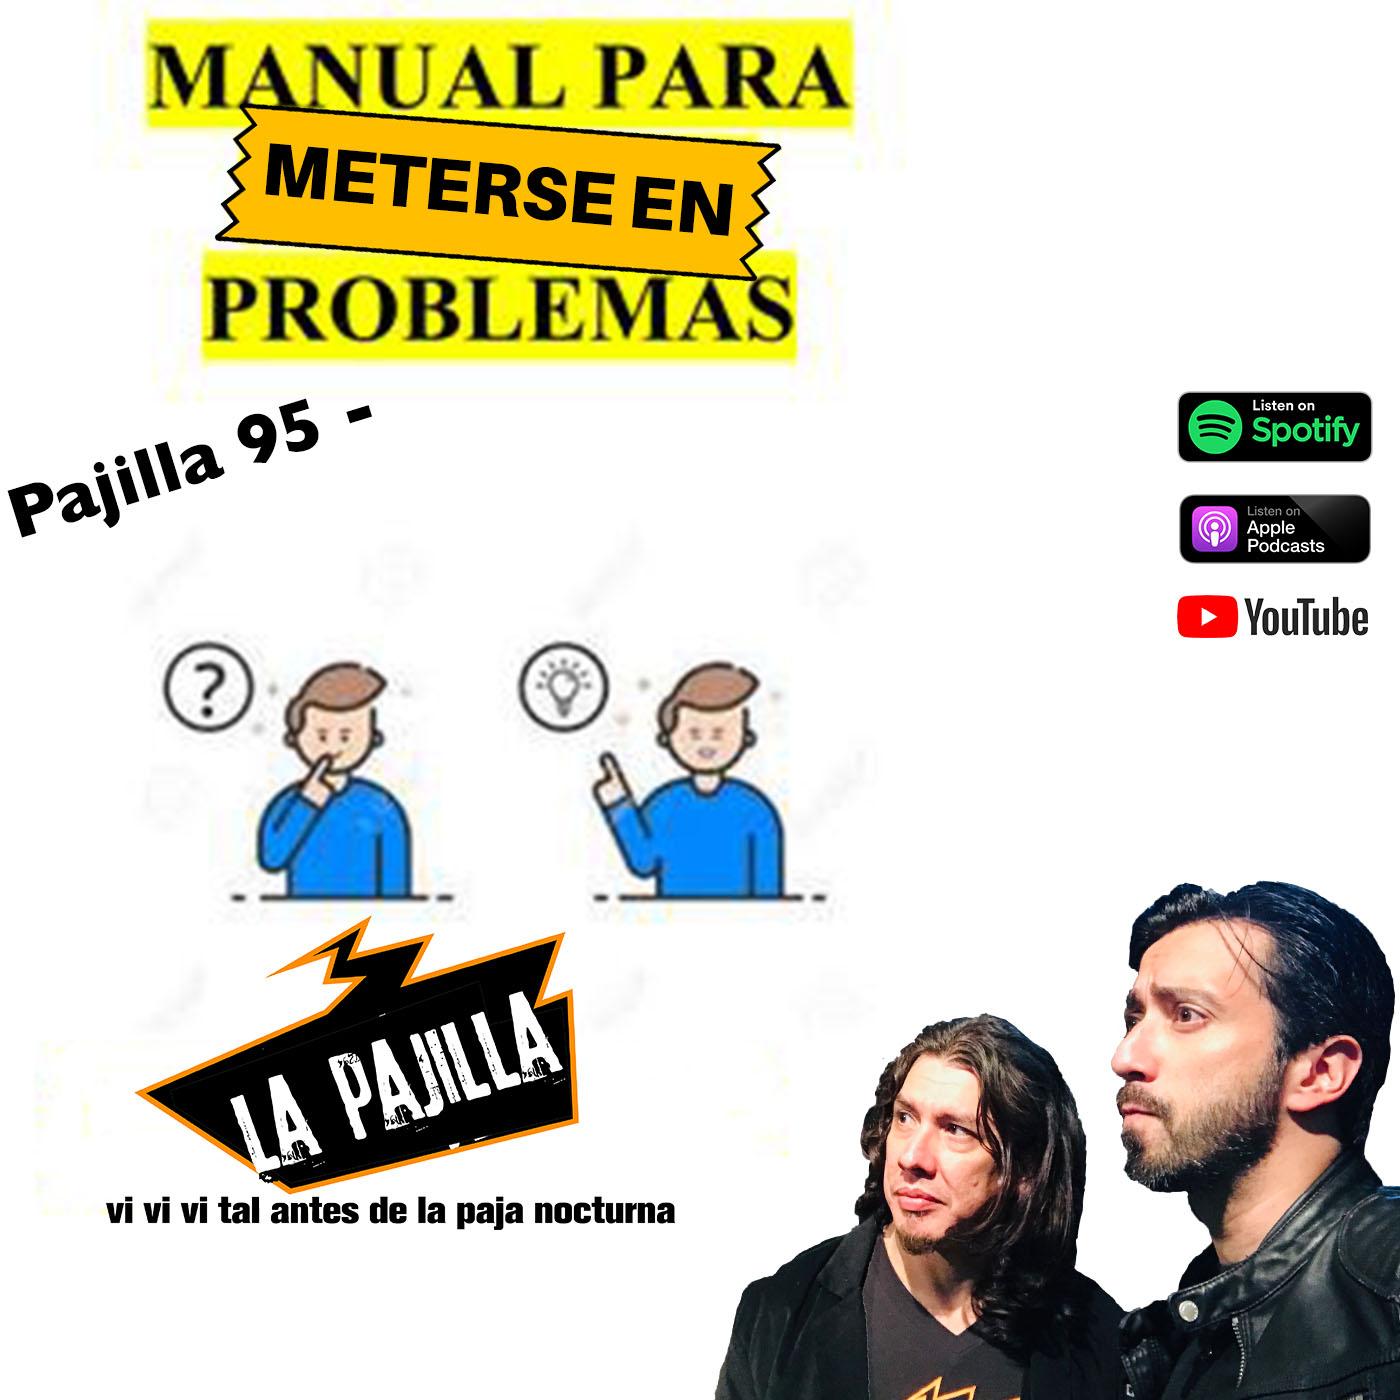 La Paja Nocturna Podcast CR Pajilla 95